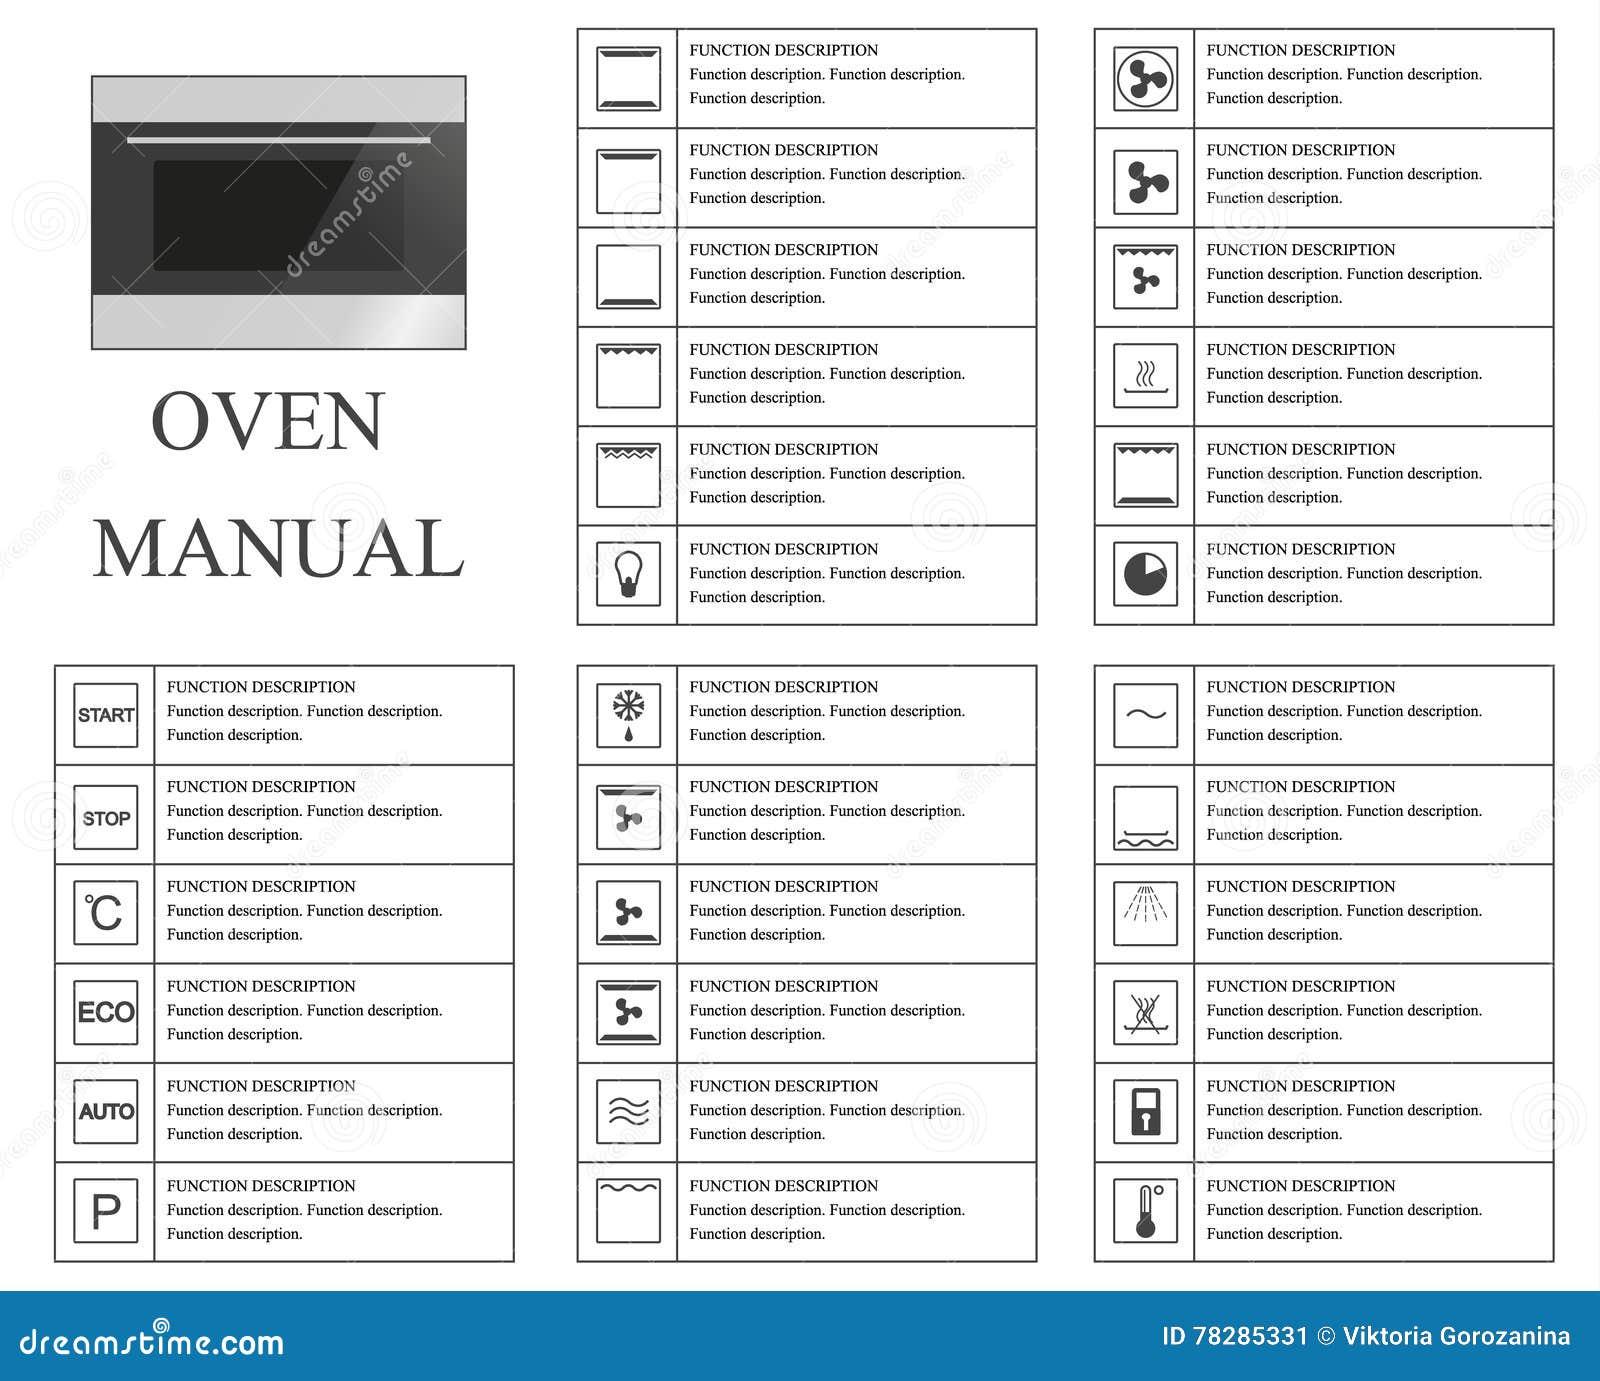 oven handsymbolen instructies tekens en symbolen voor het handboek van de ovenbenutting. Black Bedroom Furniture Sets. Home Design Ideas